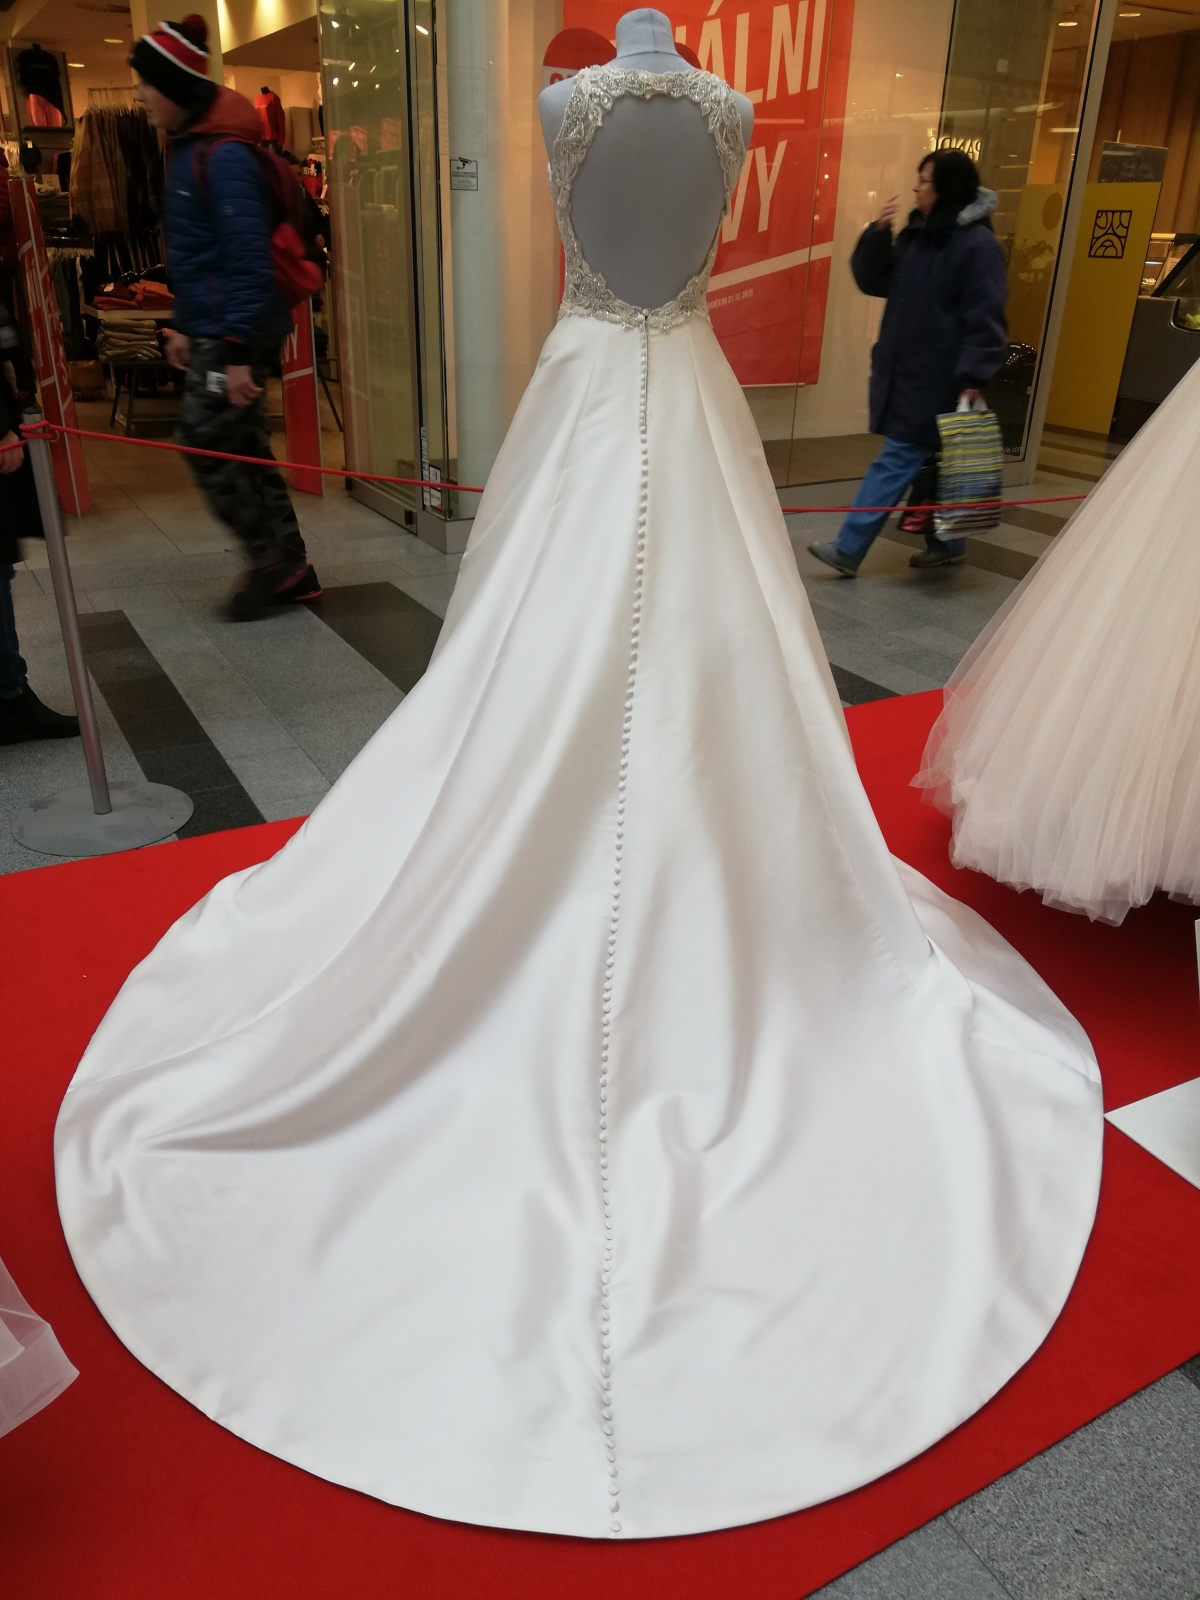 ... Výstava svatebních šatů a Valentýn ve Zlatém jablku ... 015cea6ae2